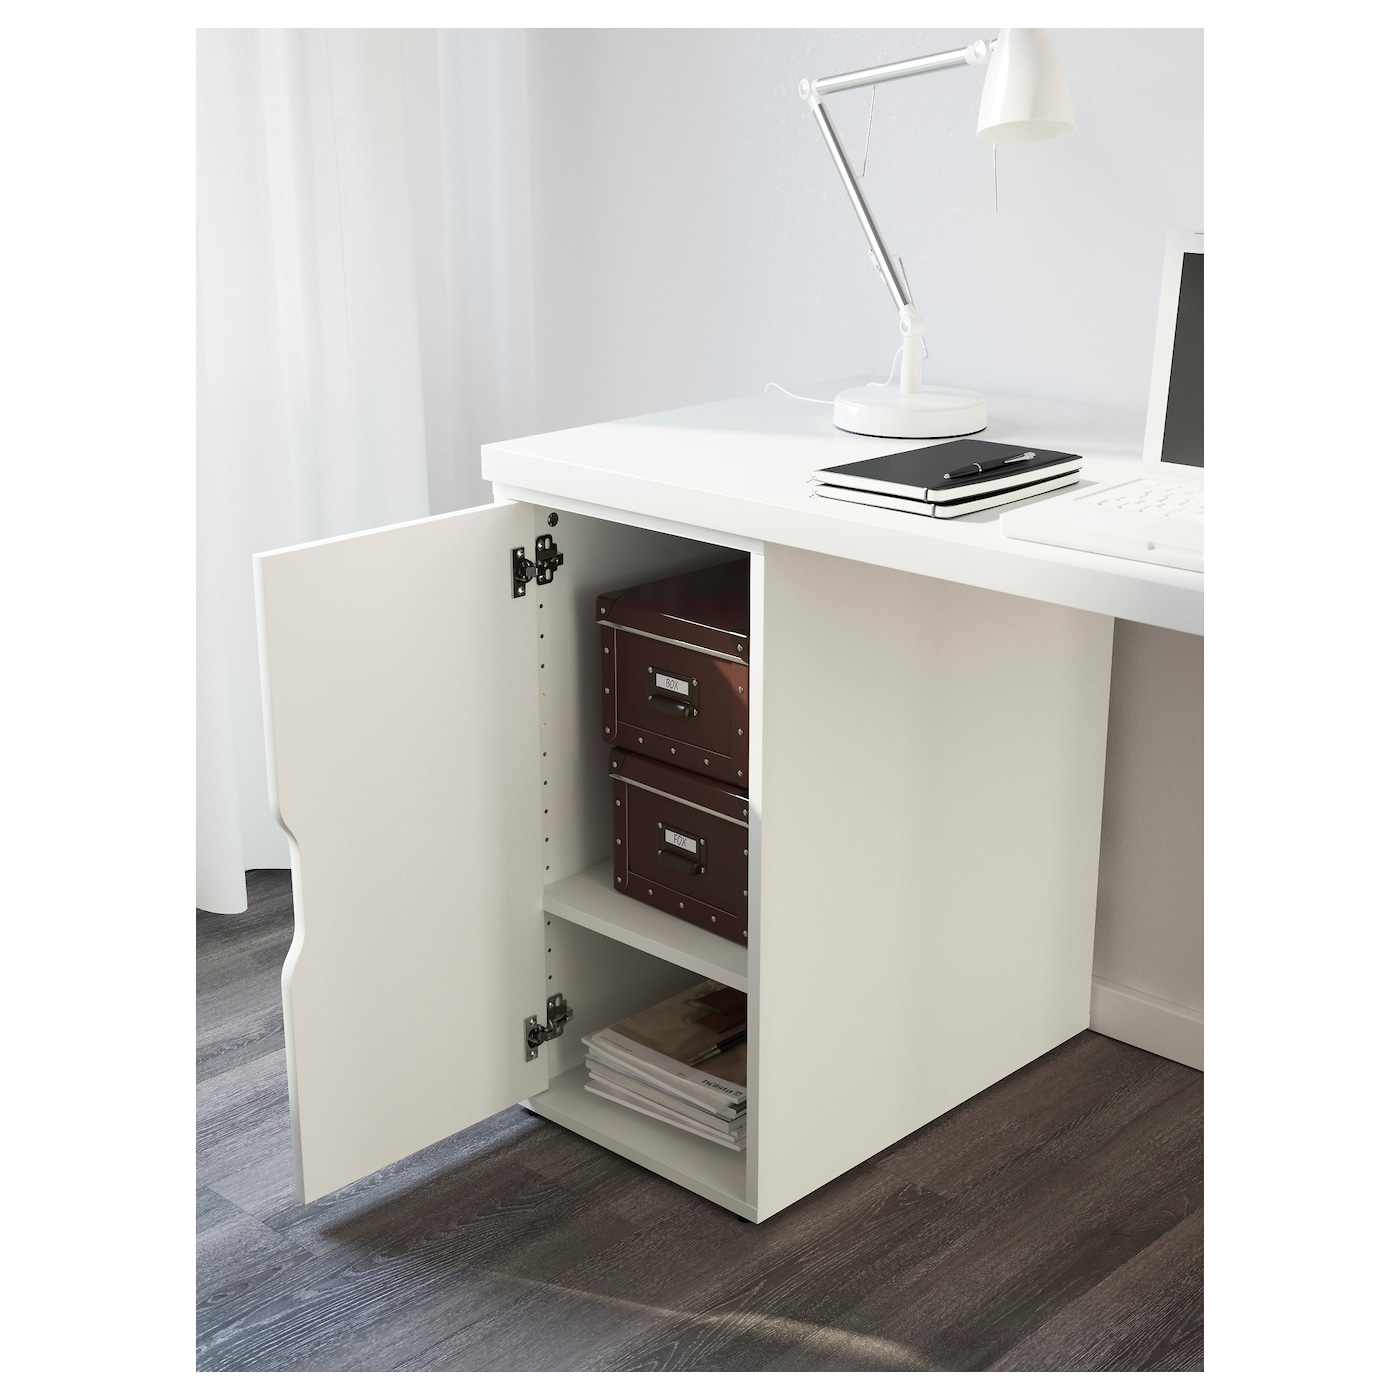 ALEX LINNMON Table White 120x60 cm IKEA